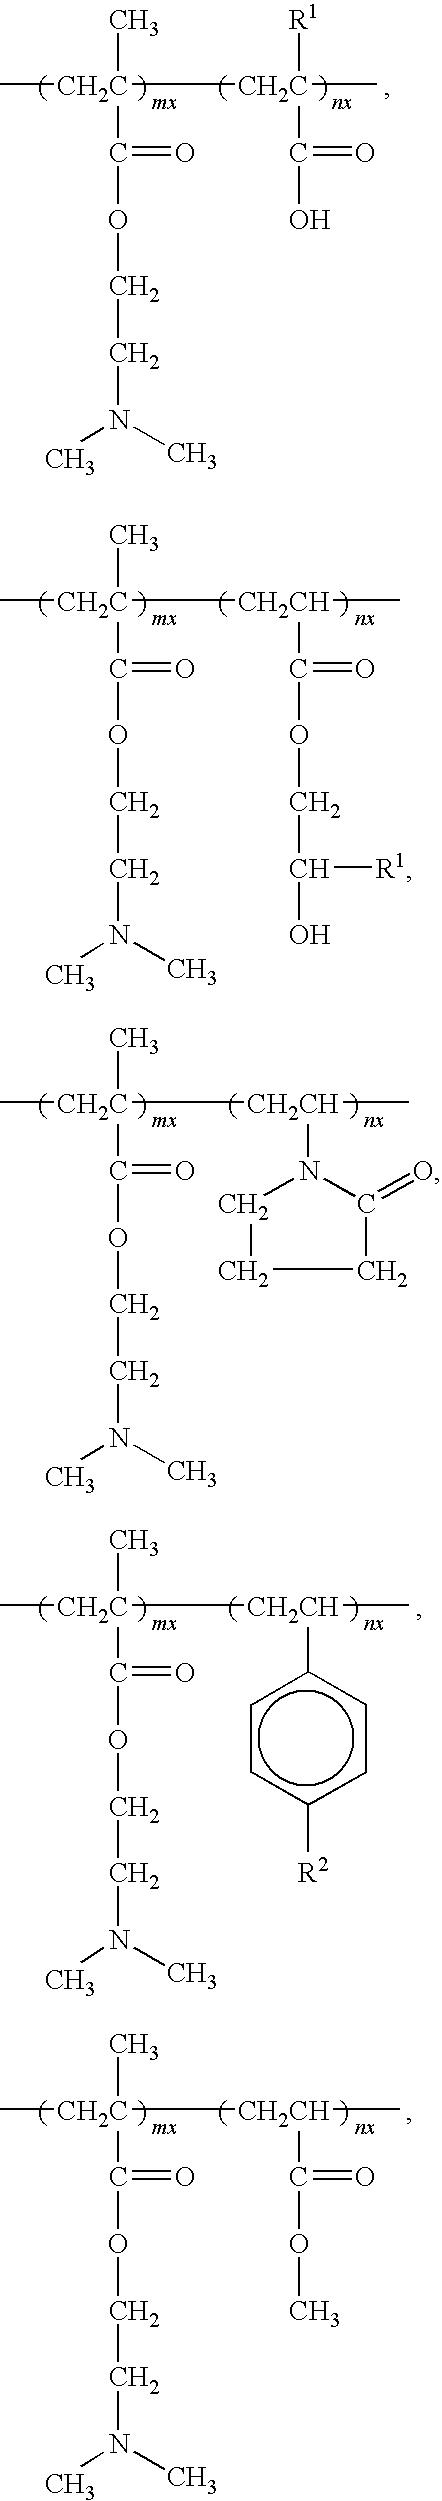 Figure US07915212-20110329-C00098